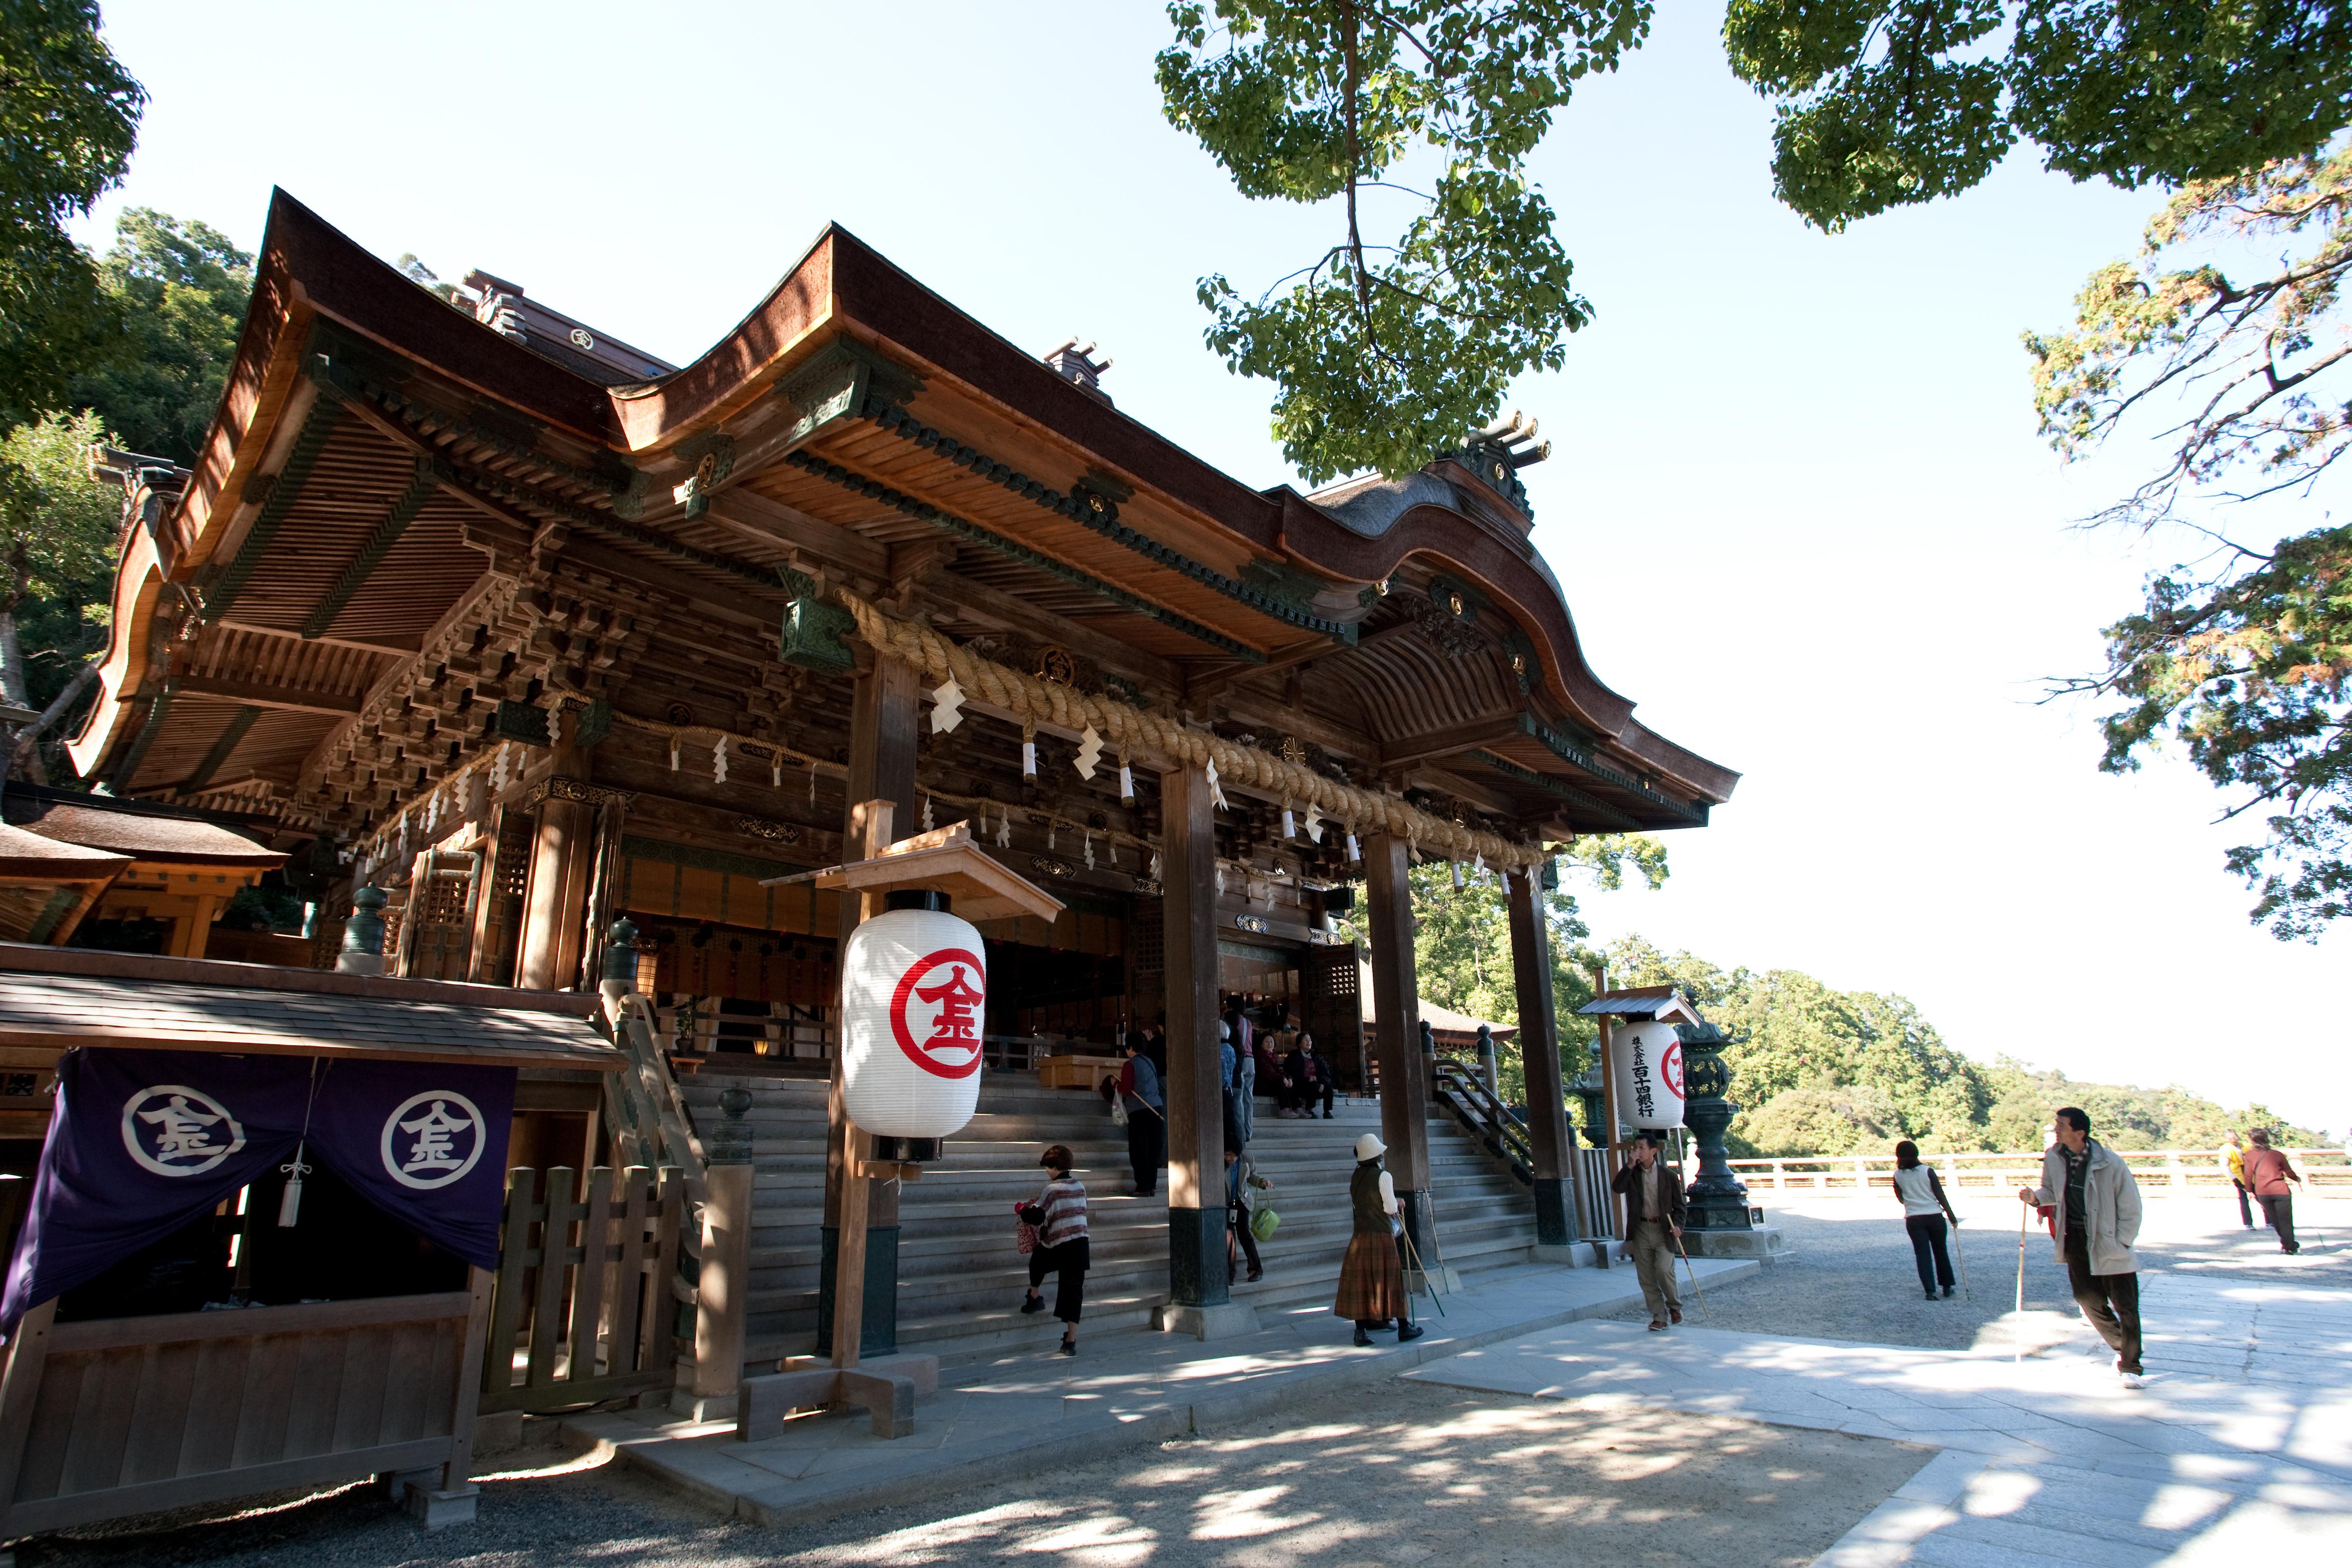 琴平町観光協会お墨付き!琴平町を絶対楽しめるおすすめスポットを紹介!